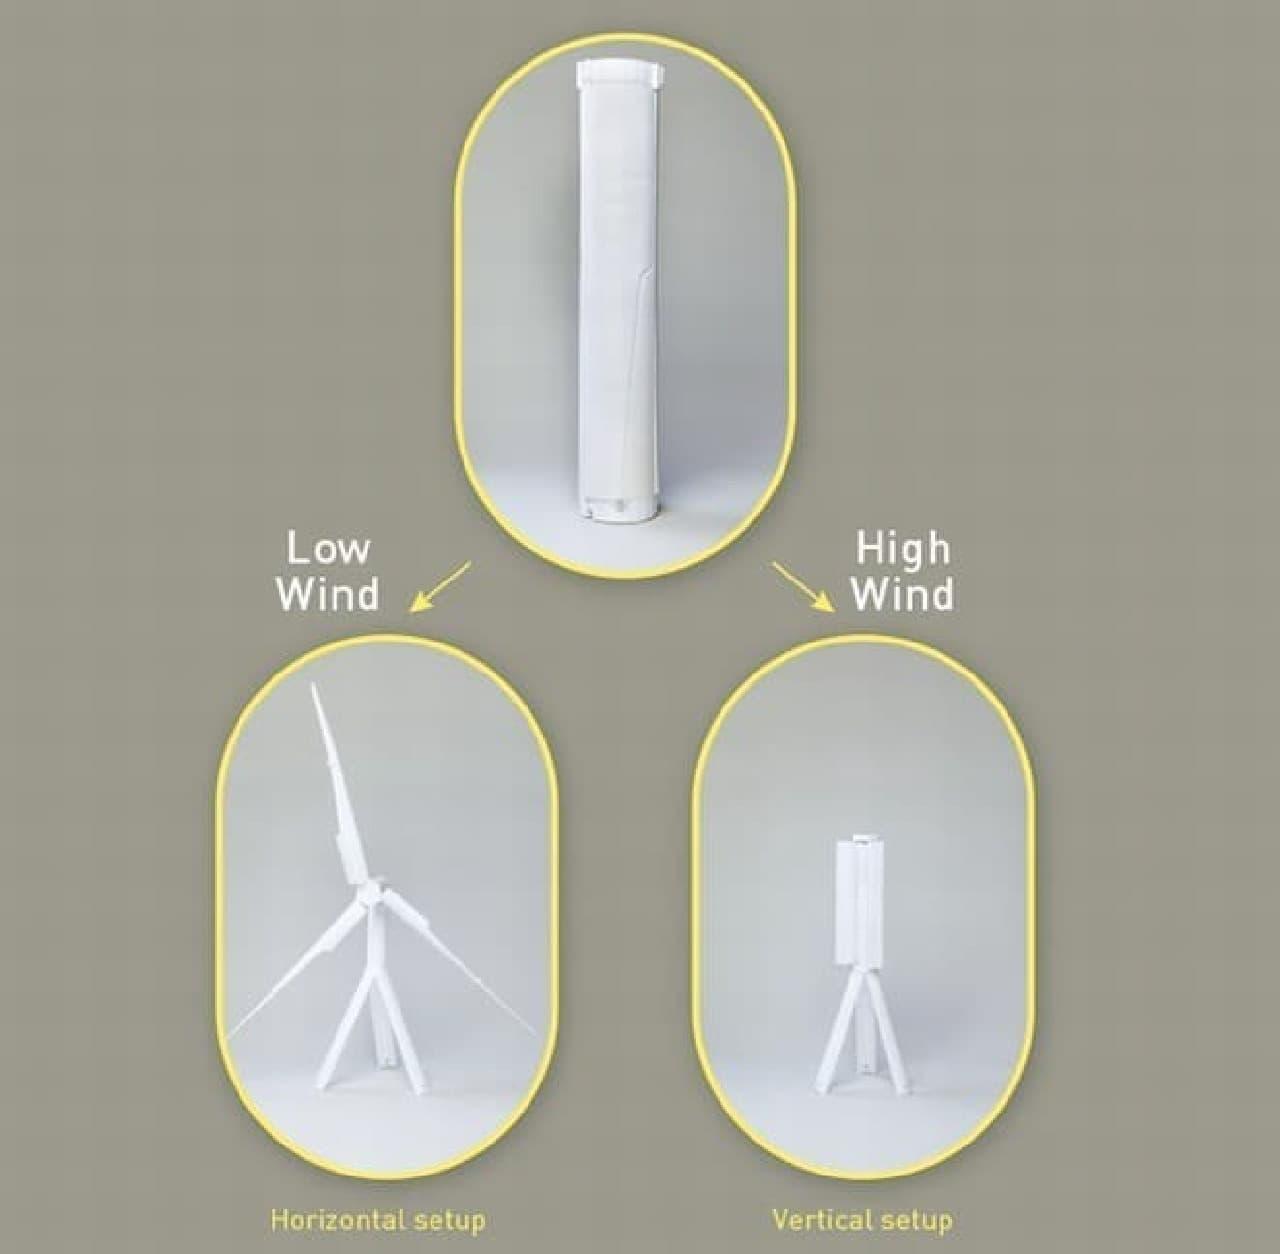 風が弱いときの水平設定(左)と、強いときの垂直設定(右)